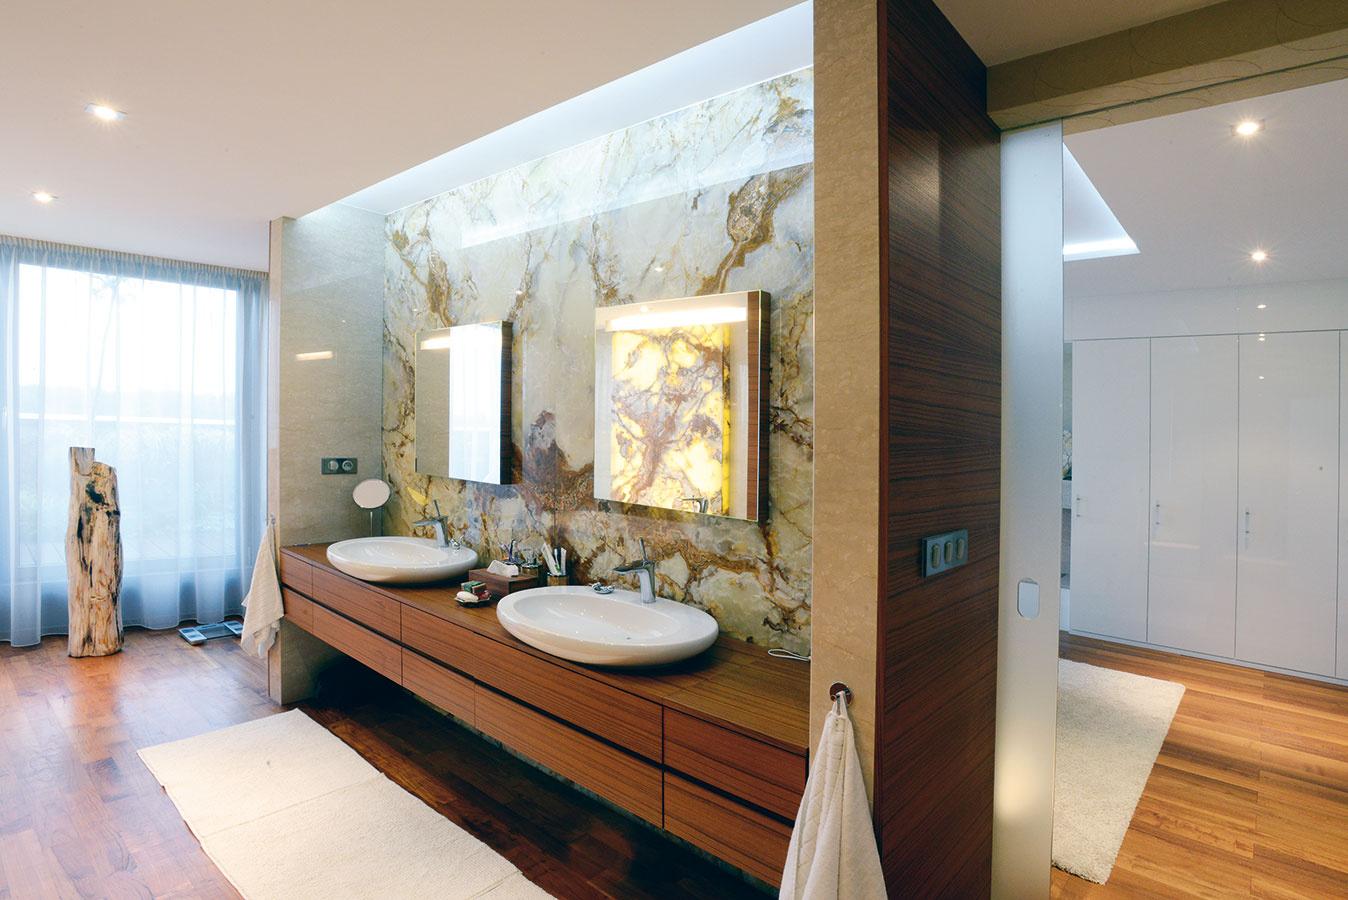 Kúpeľňa en suite. Na spálňu majiteľov priamo nadväzuje elegantná priestranná kúpeľňa. Dominuje jej tíkové drevo, keďže dobre odoláva vode.